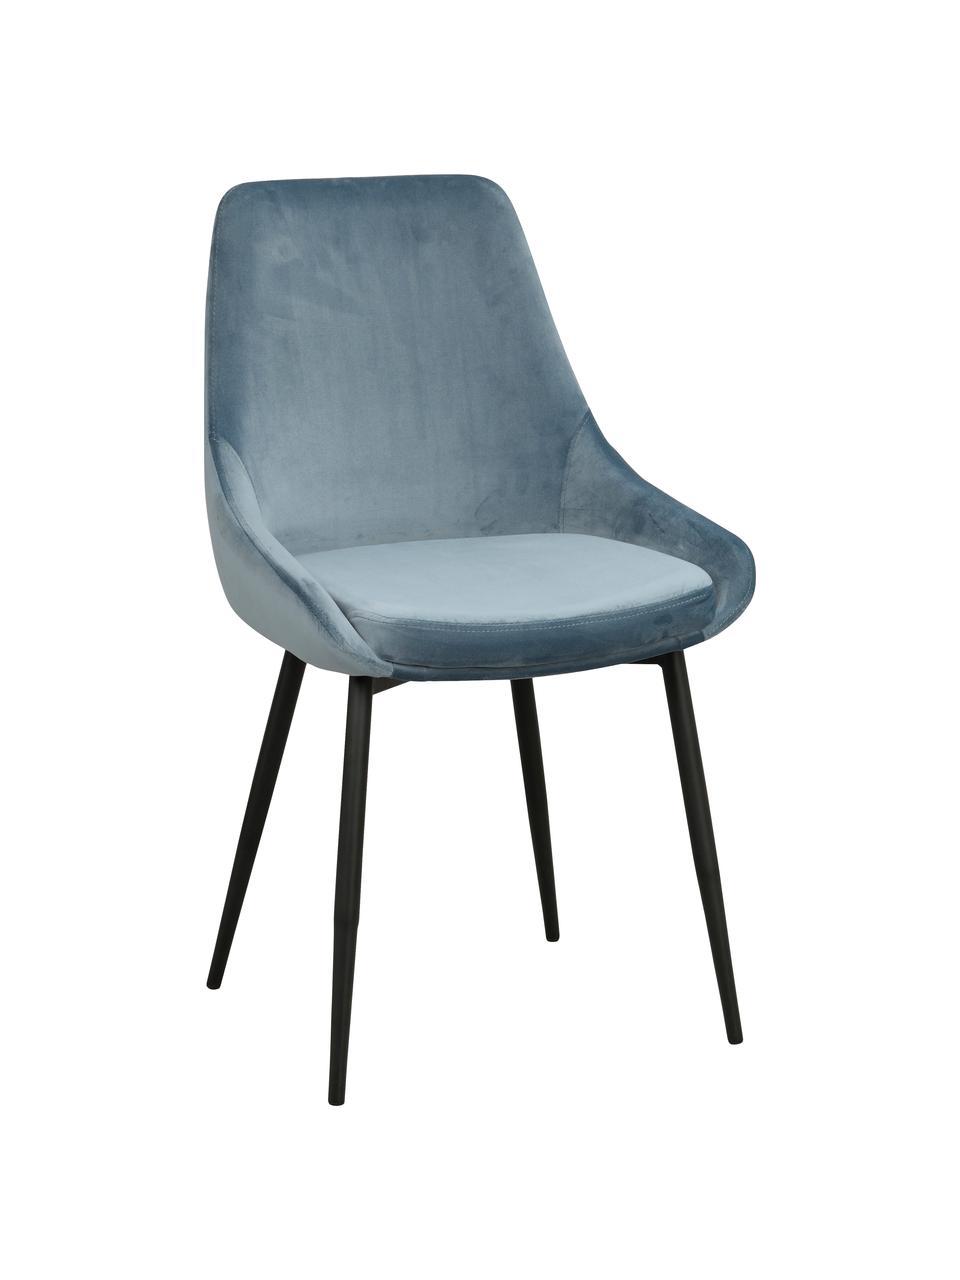 Krzesło tapicerowane z aksamitu Sierra, 2 szt., Tapicerka: aksamit poliestrowy Dzięk, Nogi: metal lakierowany, Aksamitny niebieski, nogi: czarny, S 49 x G 55 cm